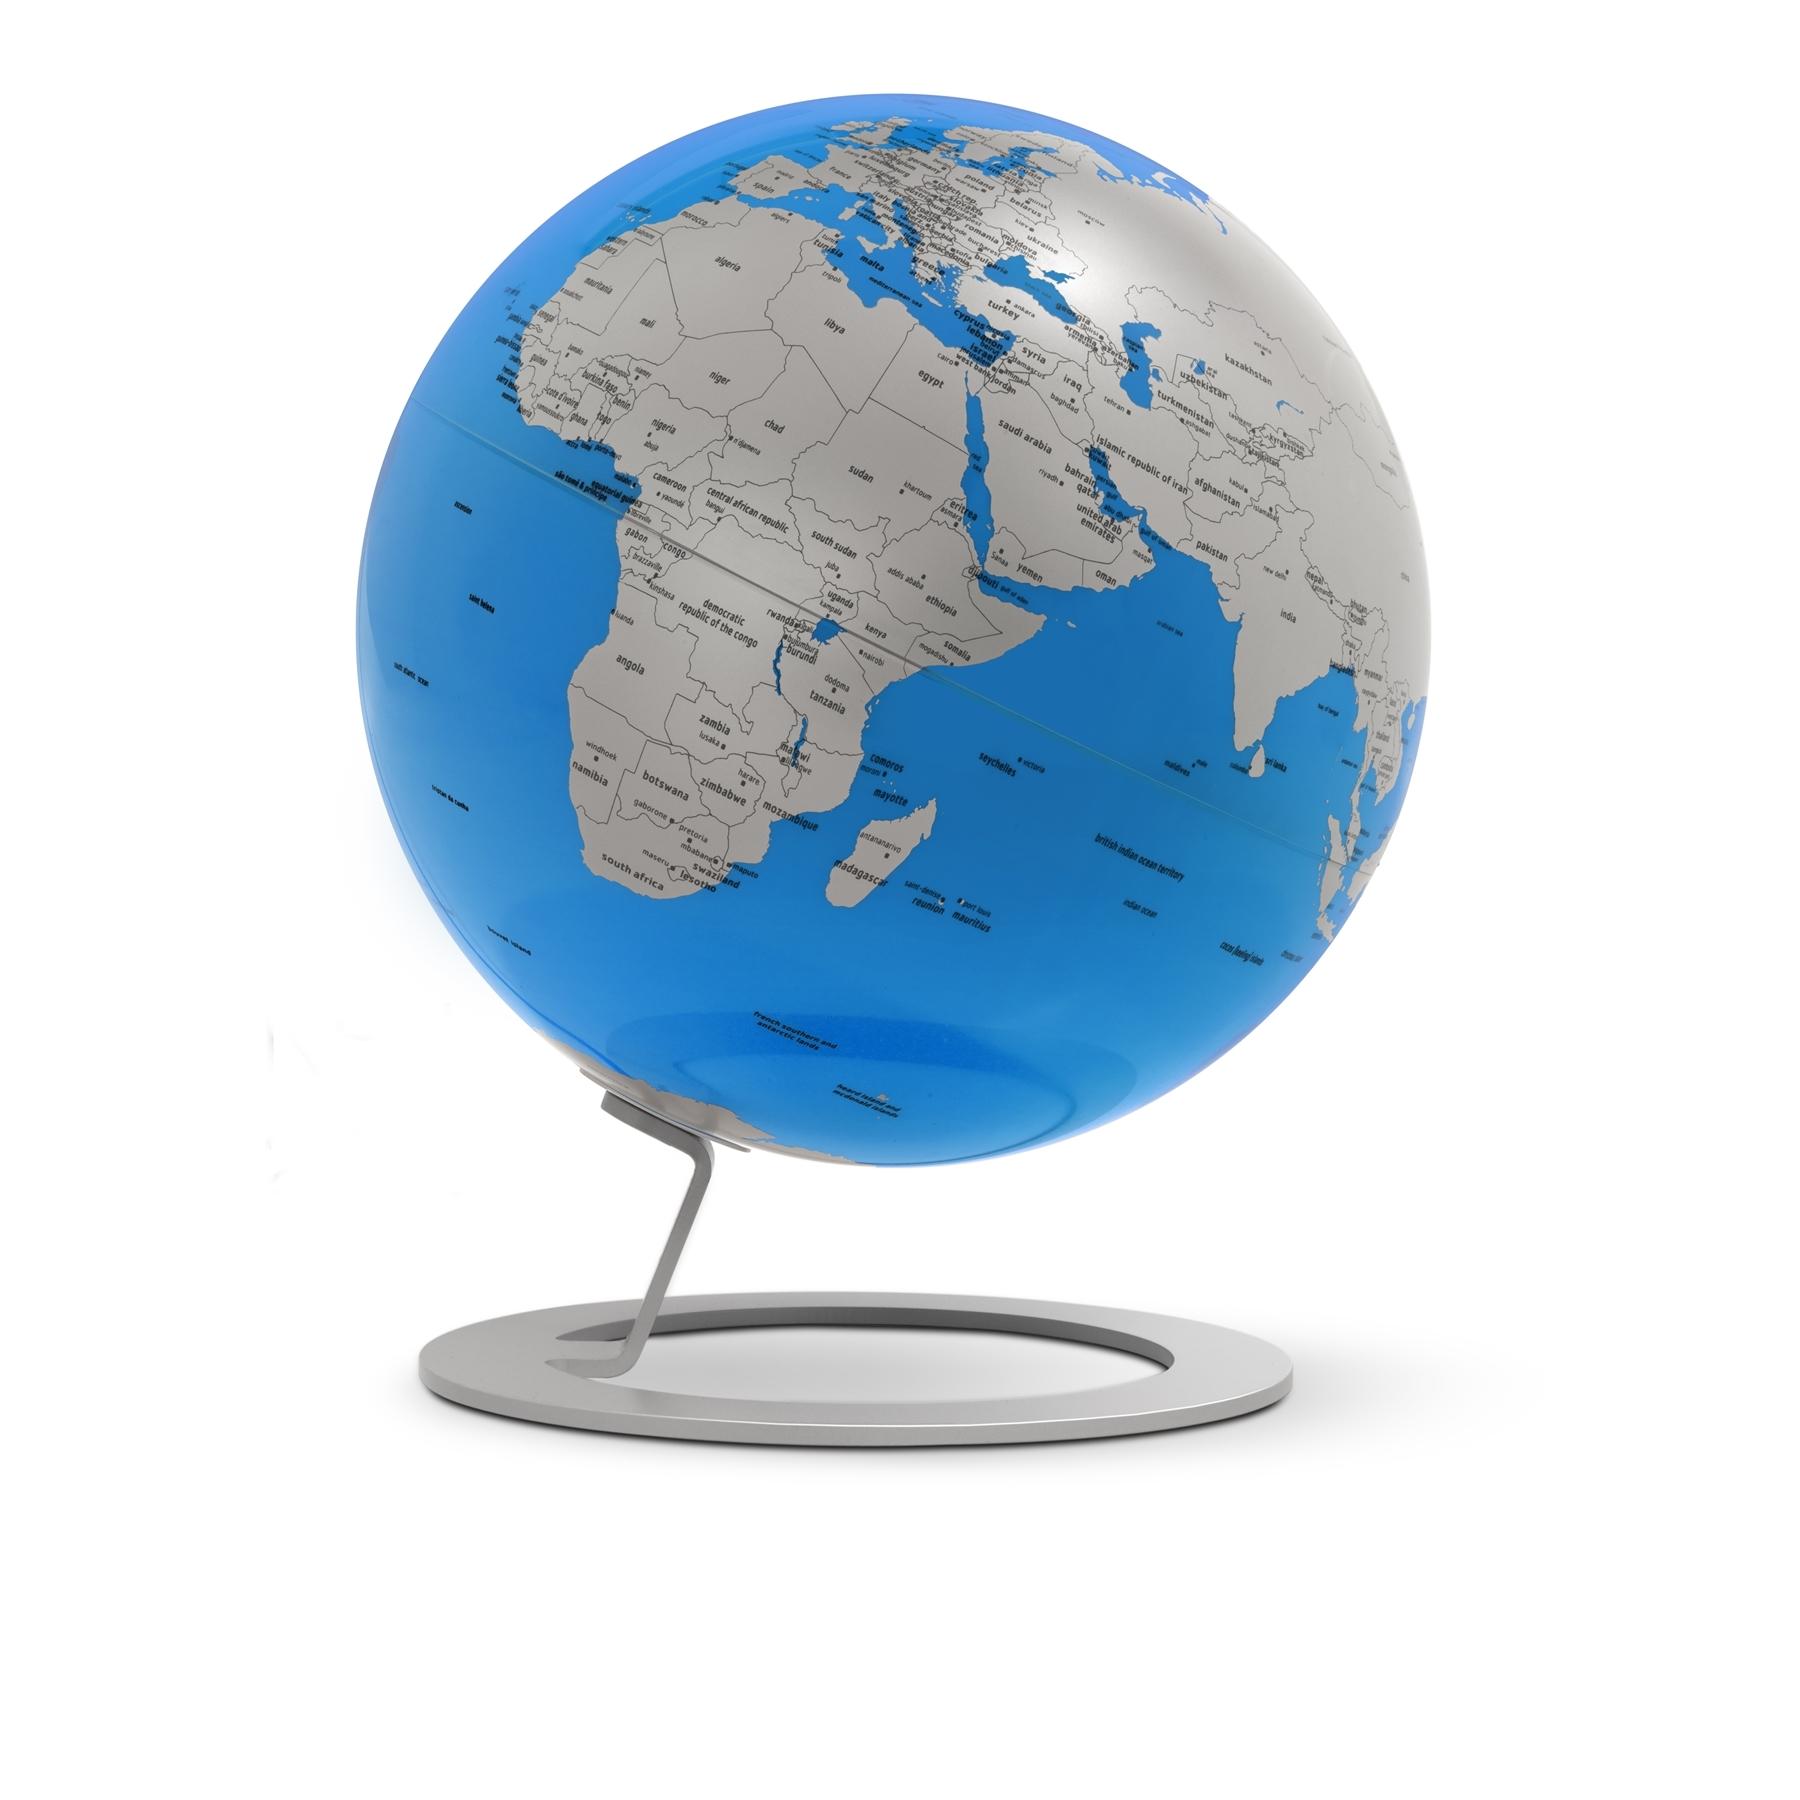 farbiger design globus mit gestell in aluminium. Black Bedroom Furniture Sets. Home Design Ideas